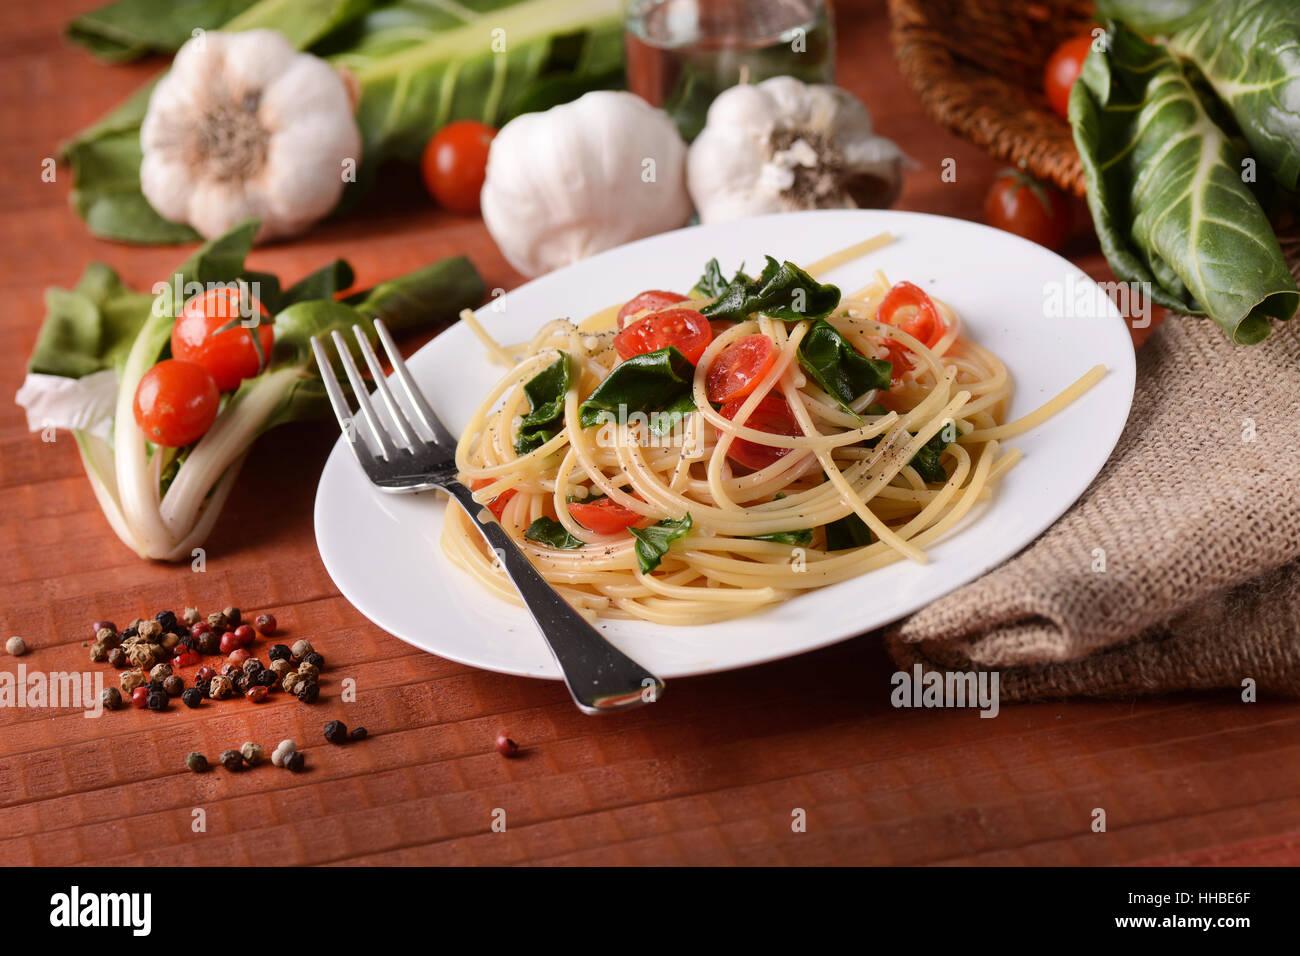 Spaghetti con bietole e pomodoro - il cibo italiano Immagini Stock